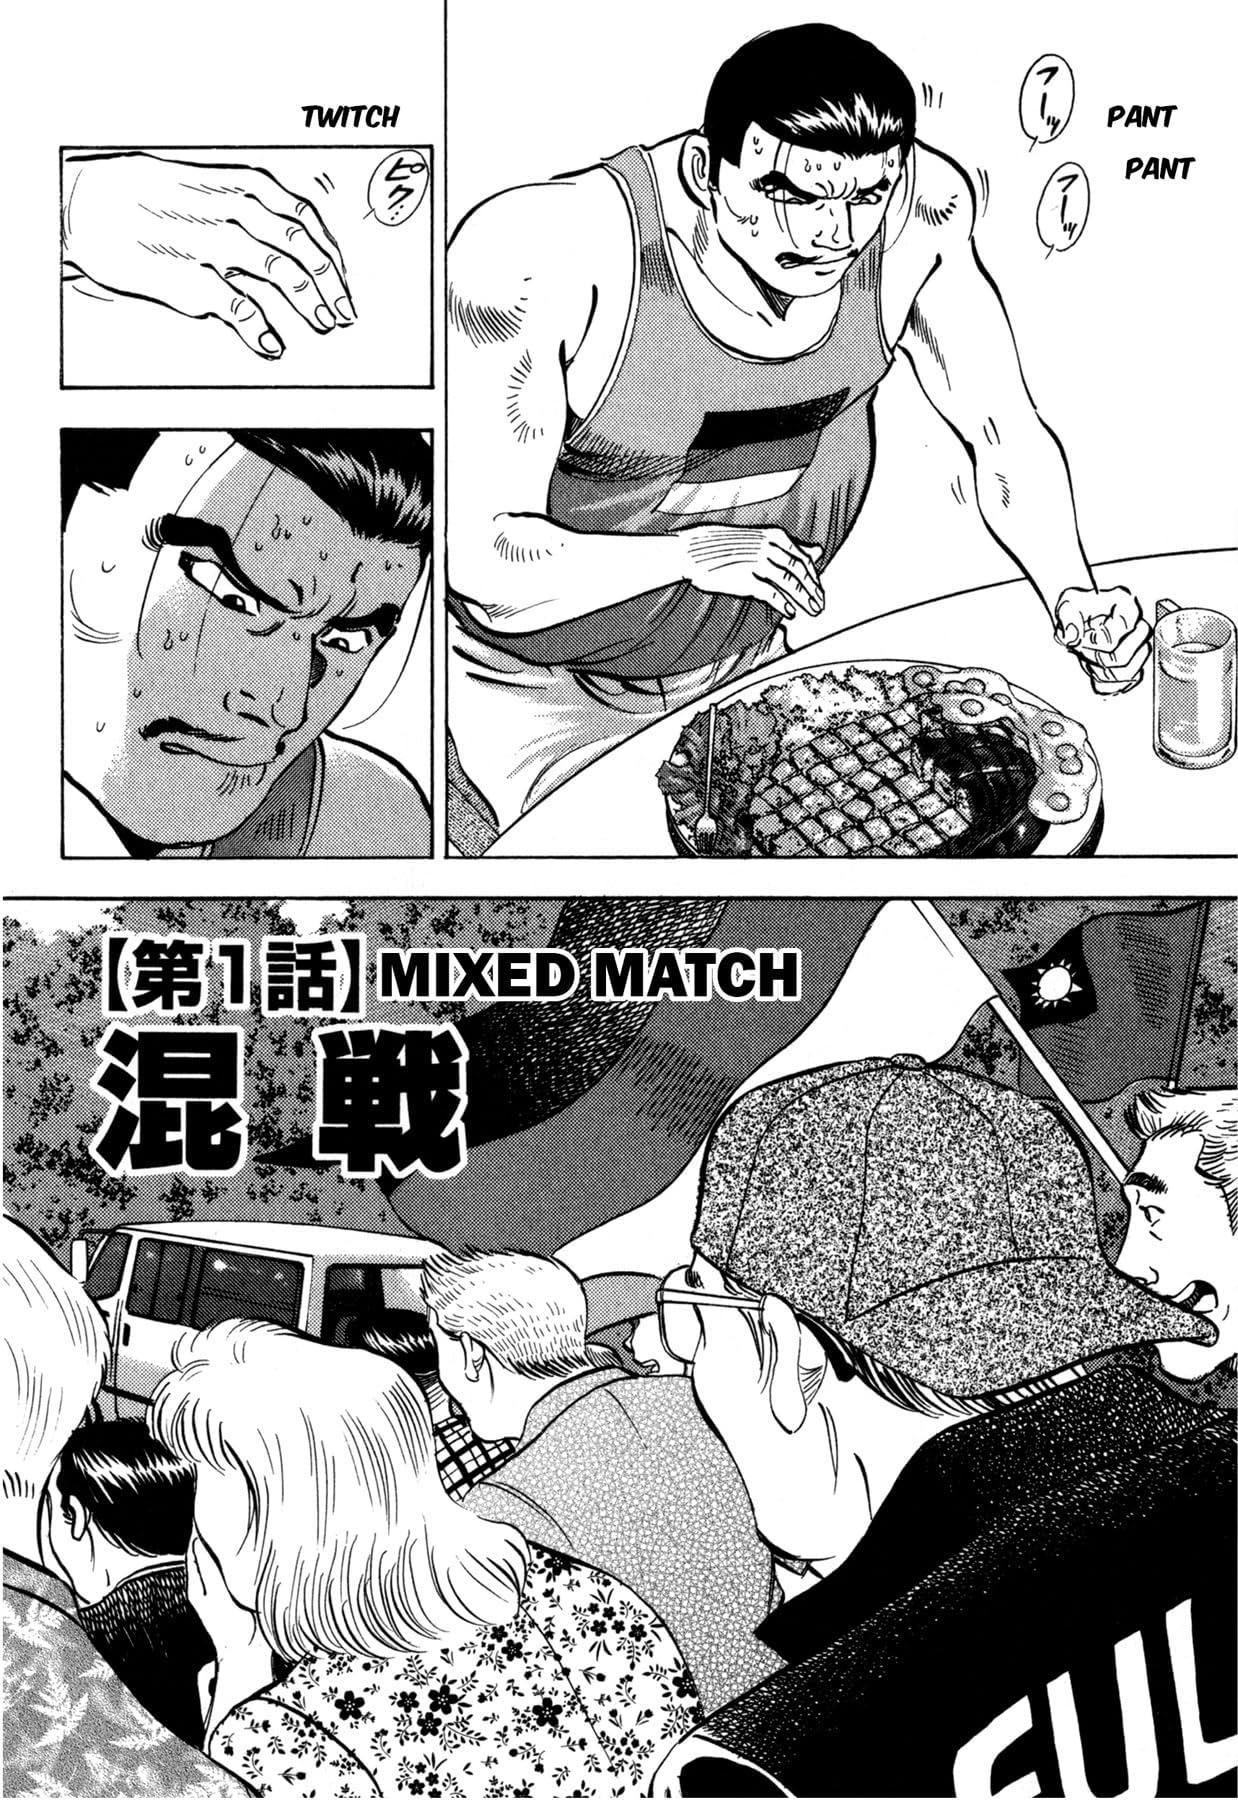 Kuishinbo! #209